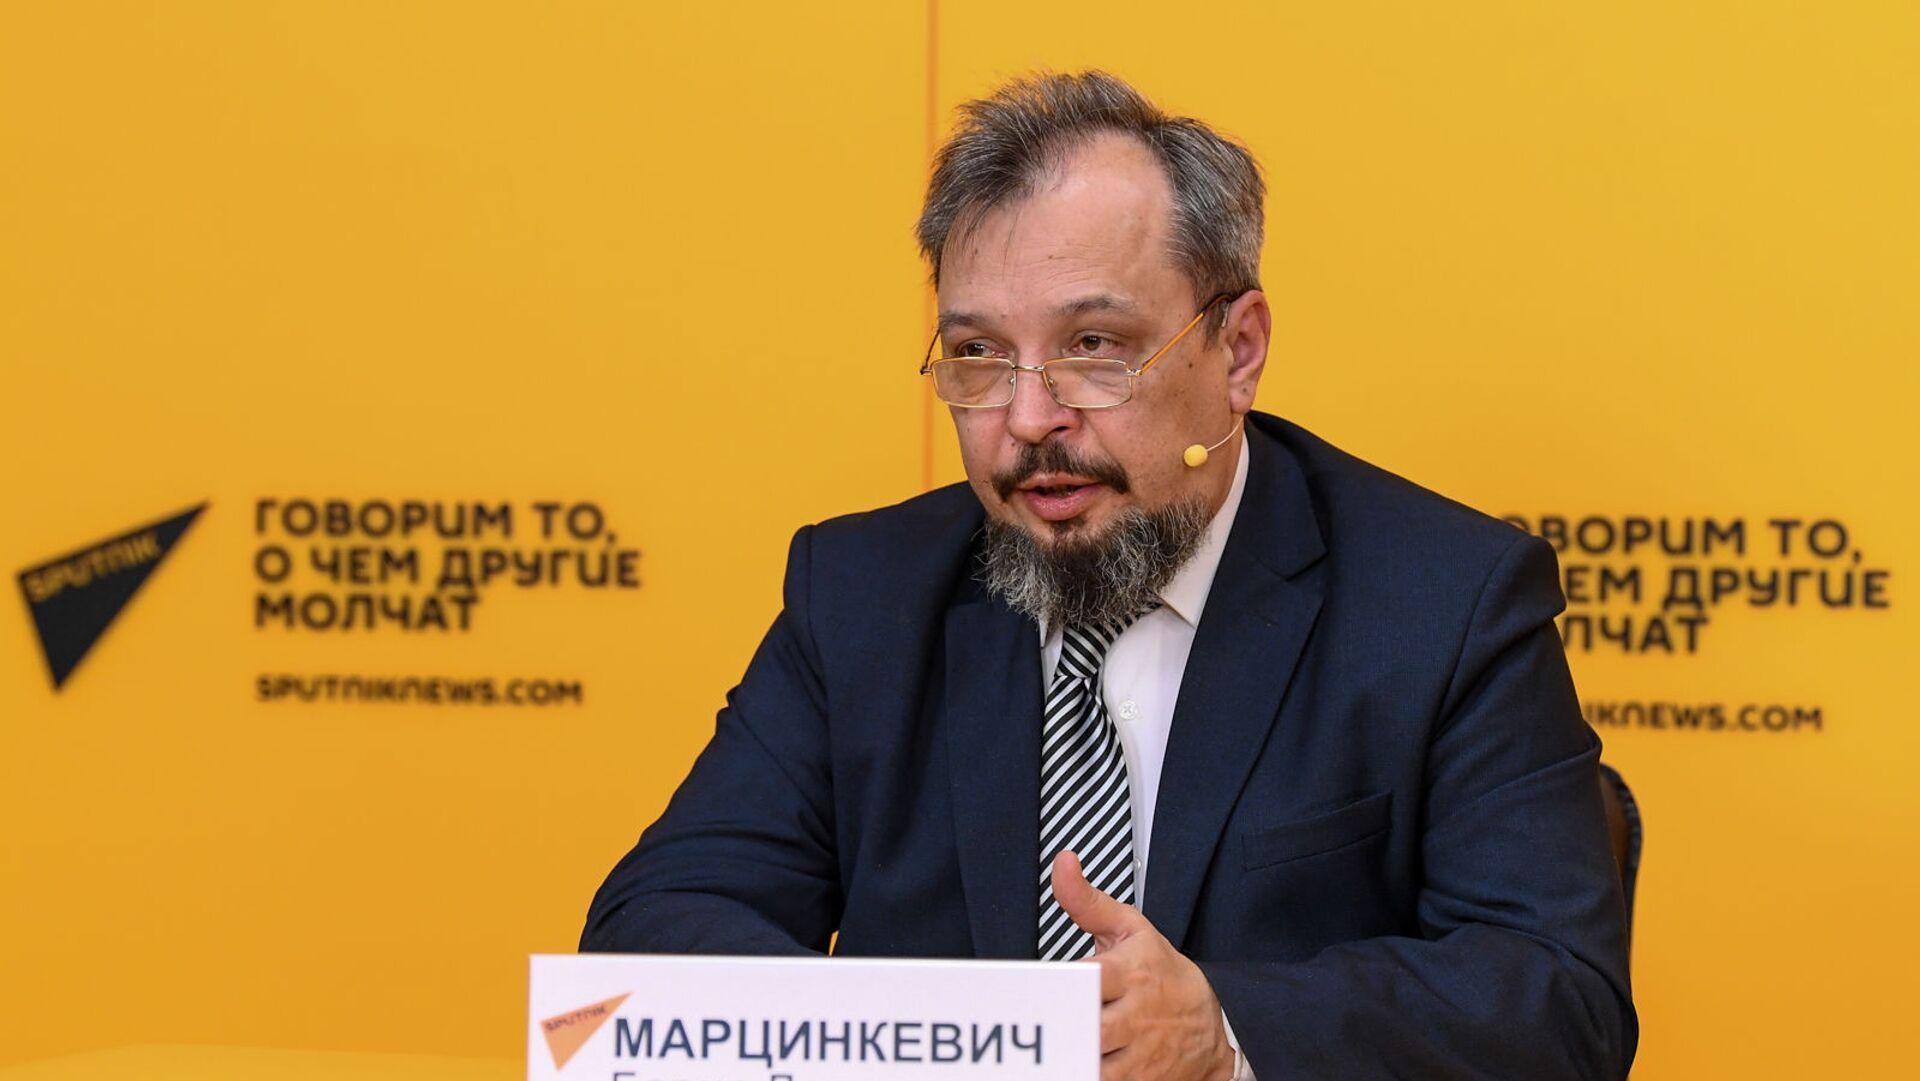 Բորիս Մարցինկևիչ - Sputnik Արմենիա, 1920, 12.10.2021